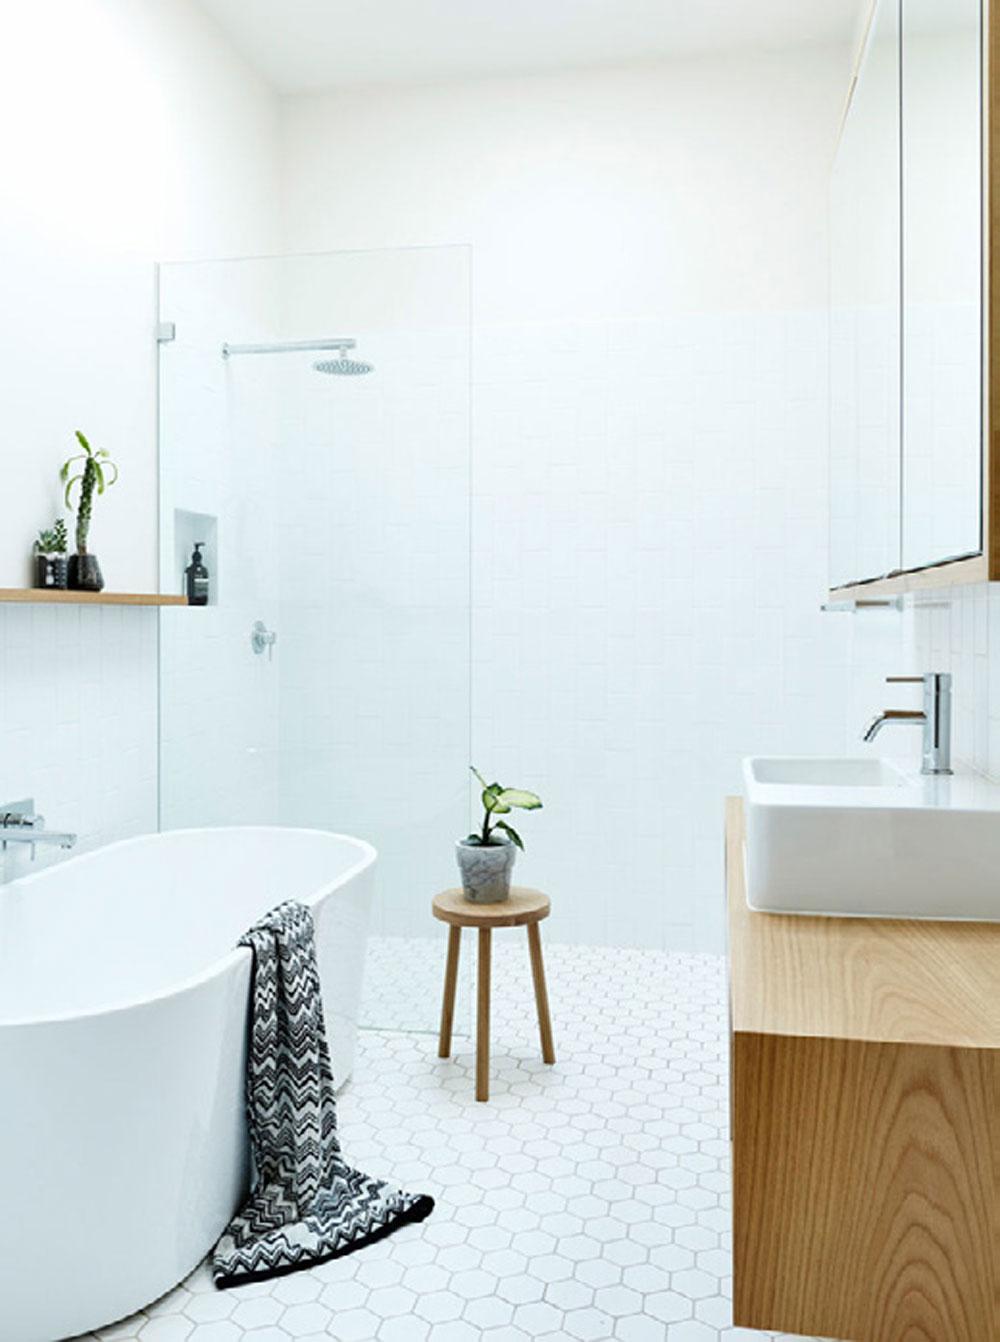 Designa-ett-litet-badrum-idéer-och-tips-6 Designa-ett-litet badrum - idéer och tips